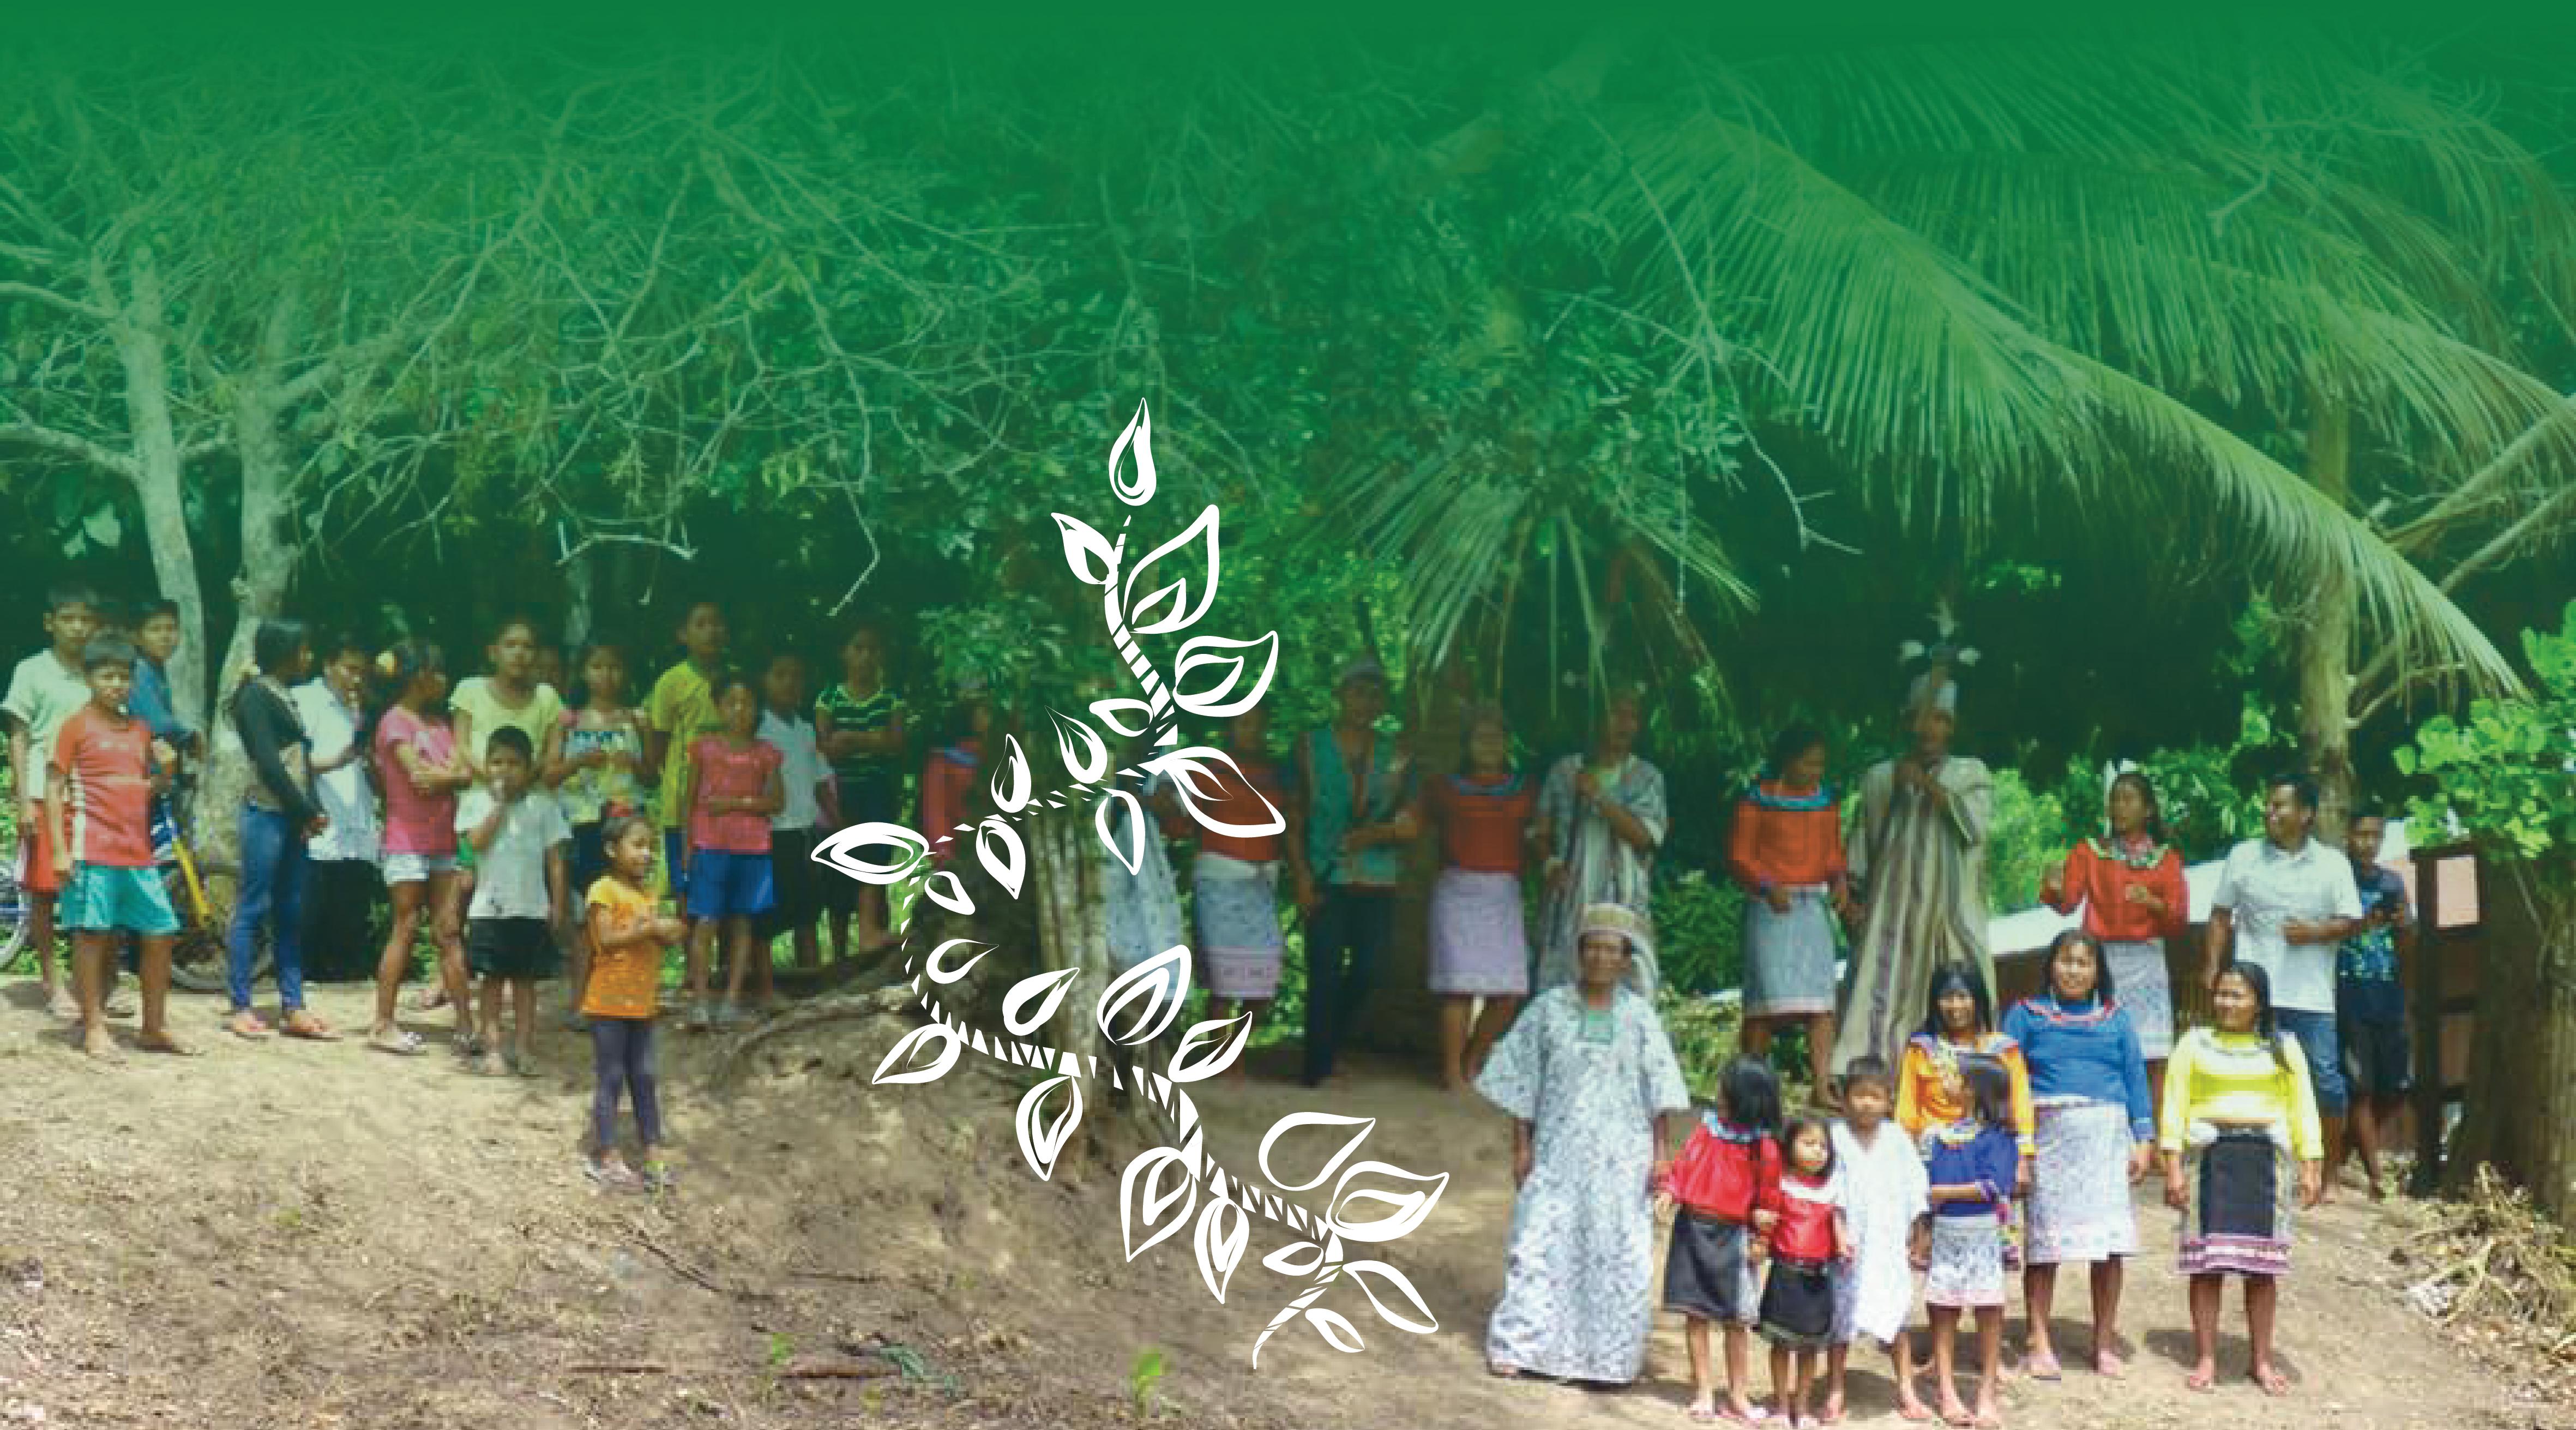 The Santuario de la dieta Shipibo is a family-run operation by Maestro Diogenes & Maestra Anita